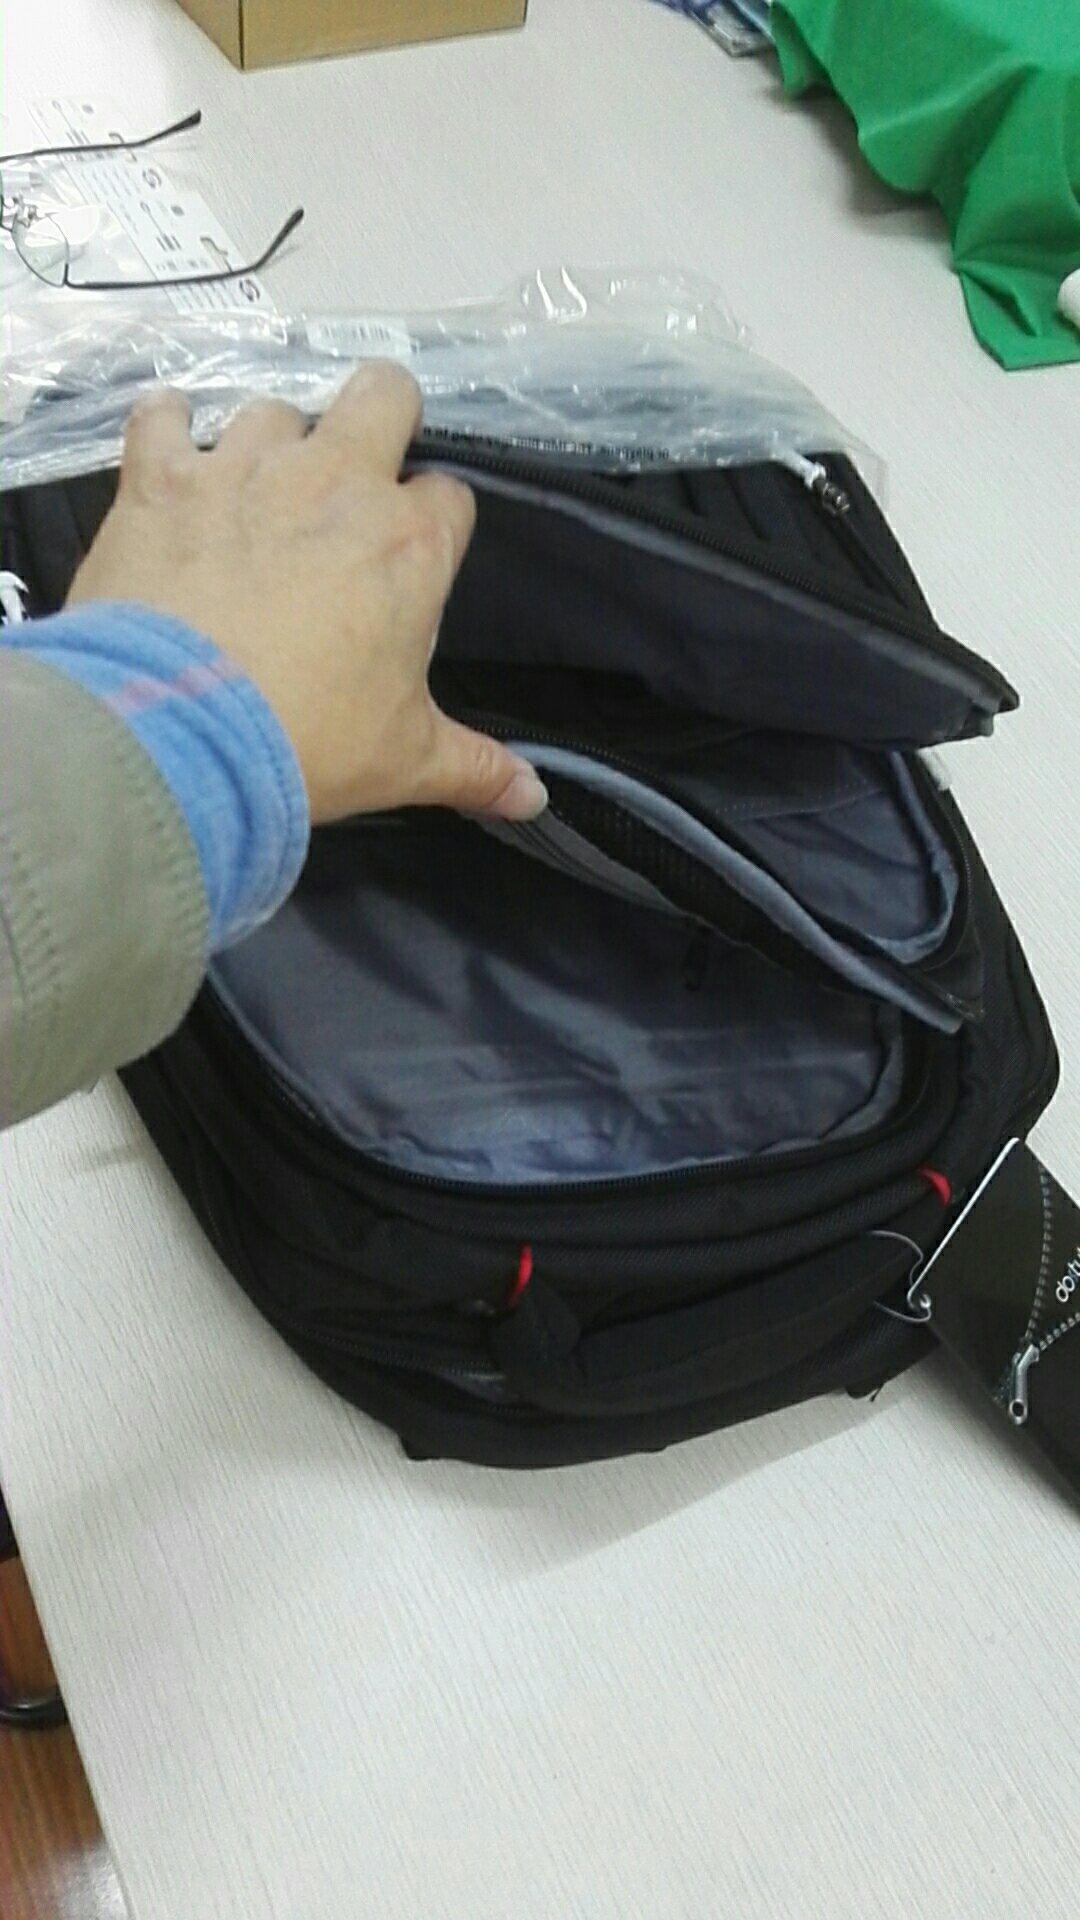 designer handbags 00213030 cheapest